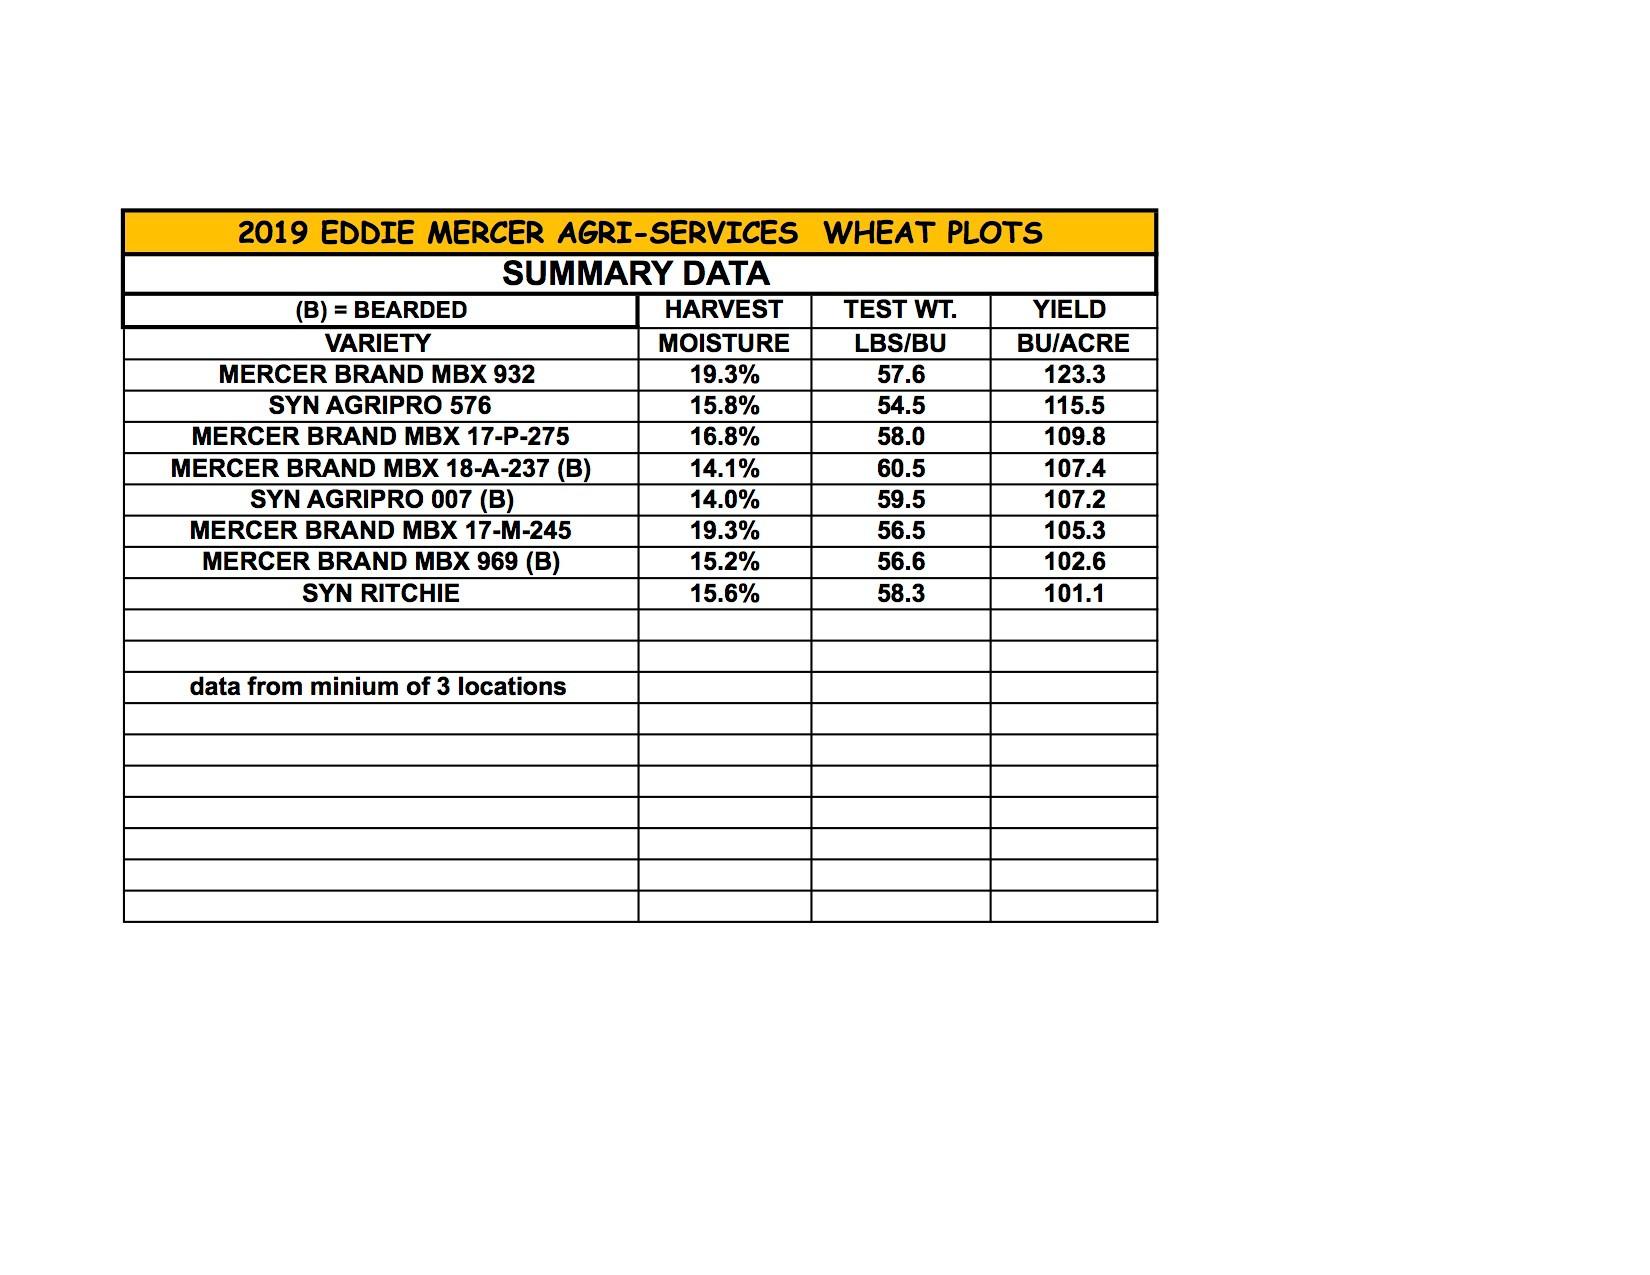 AAA PLOT SUMMARY 7-24-19.jpg